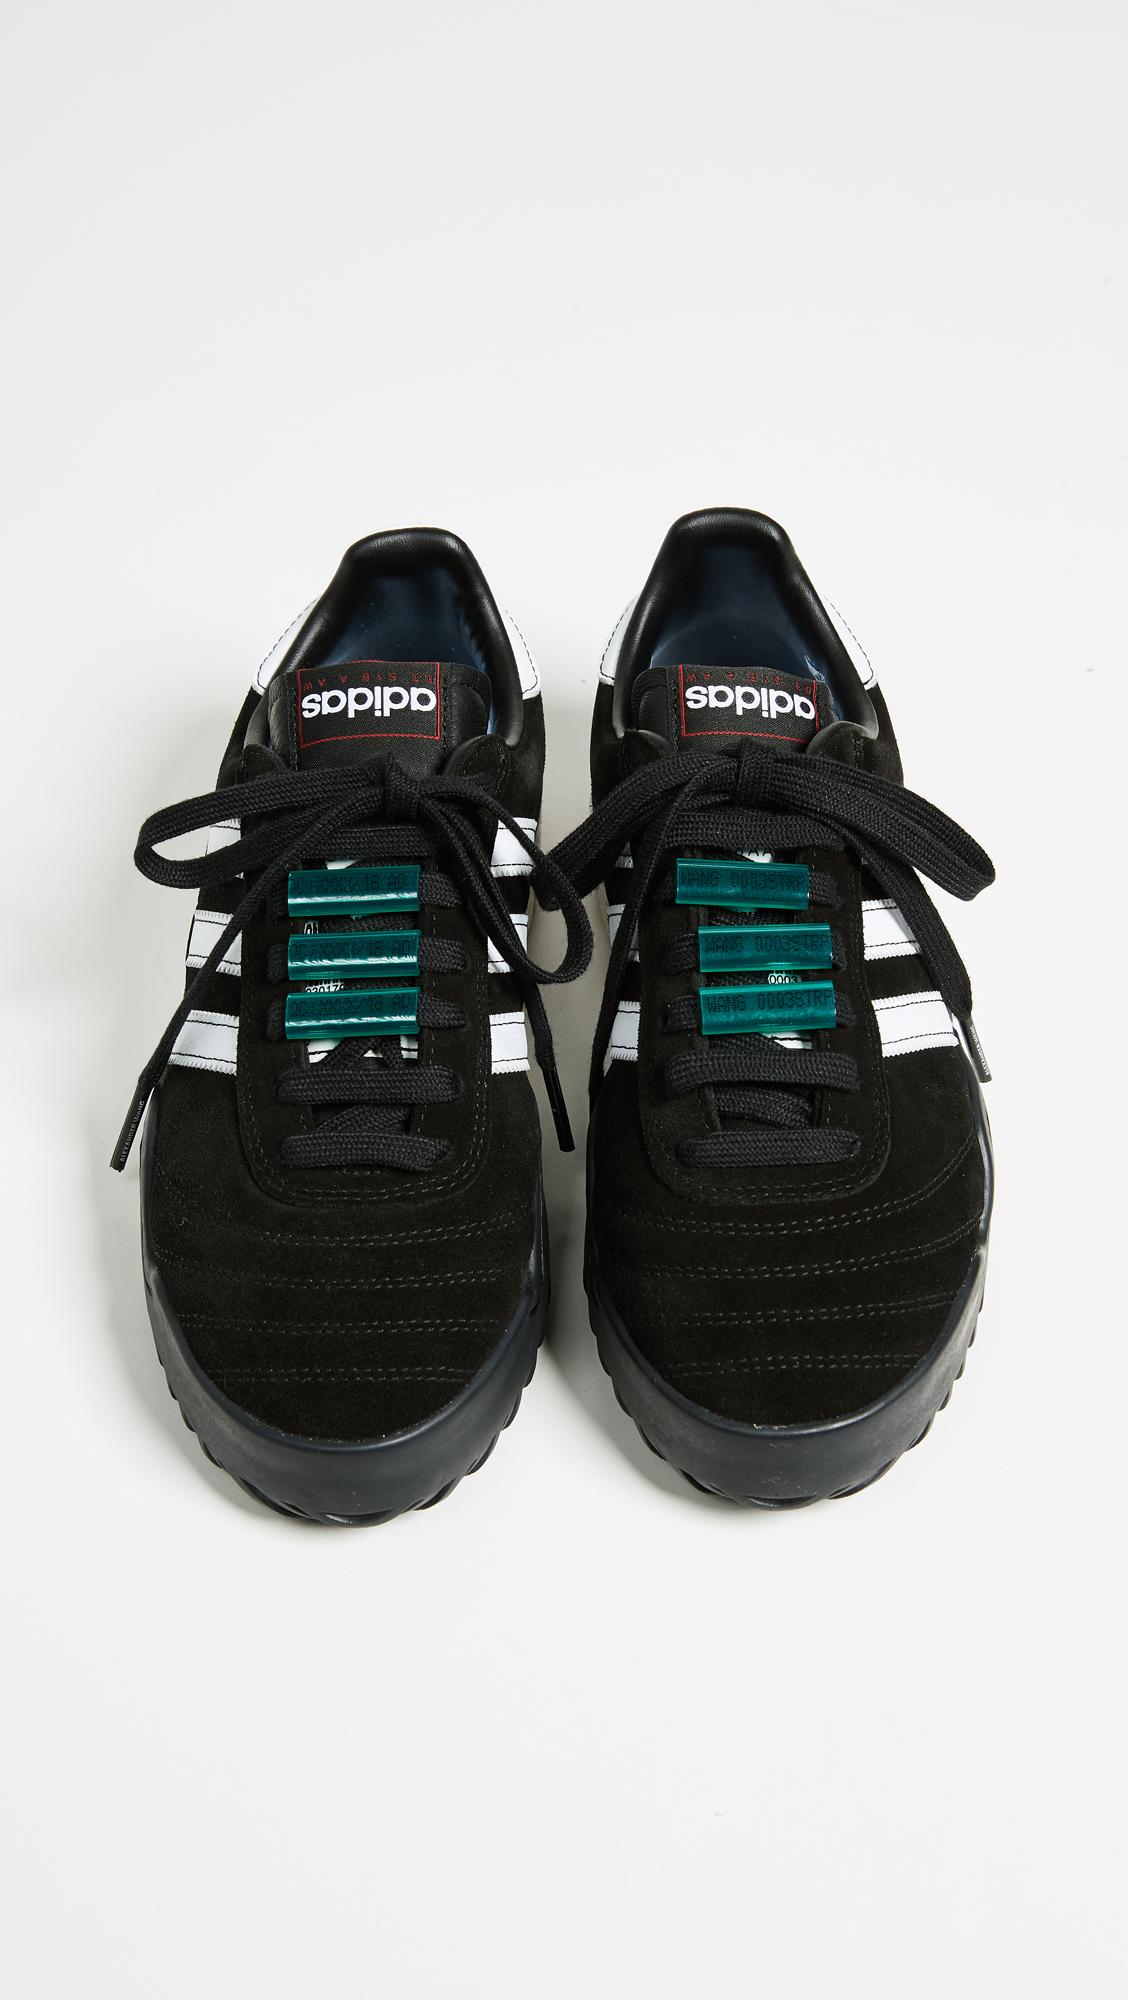 Kollette - adidas Originals by Alexander Wang AW Bball Soccer ... e1d8ecc96